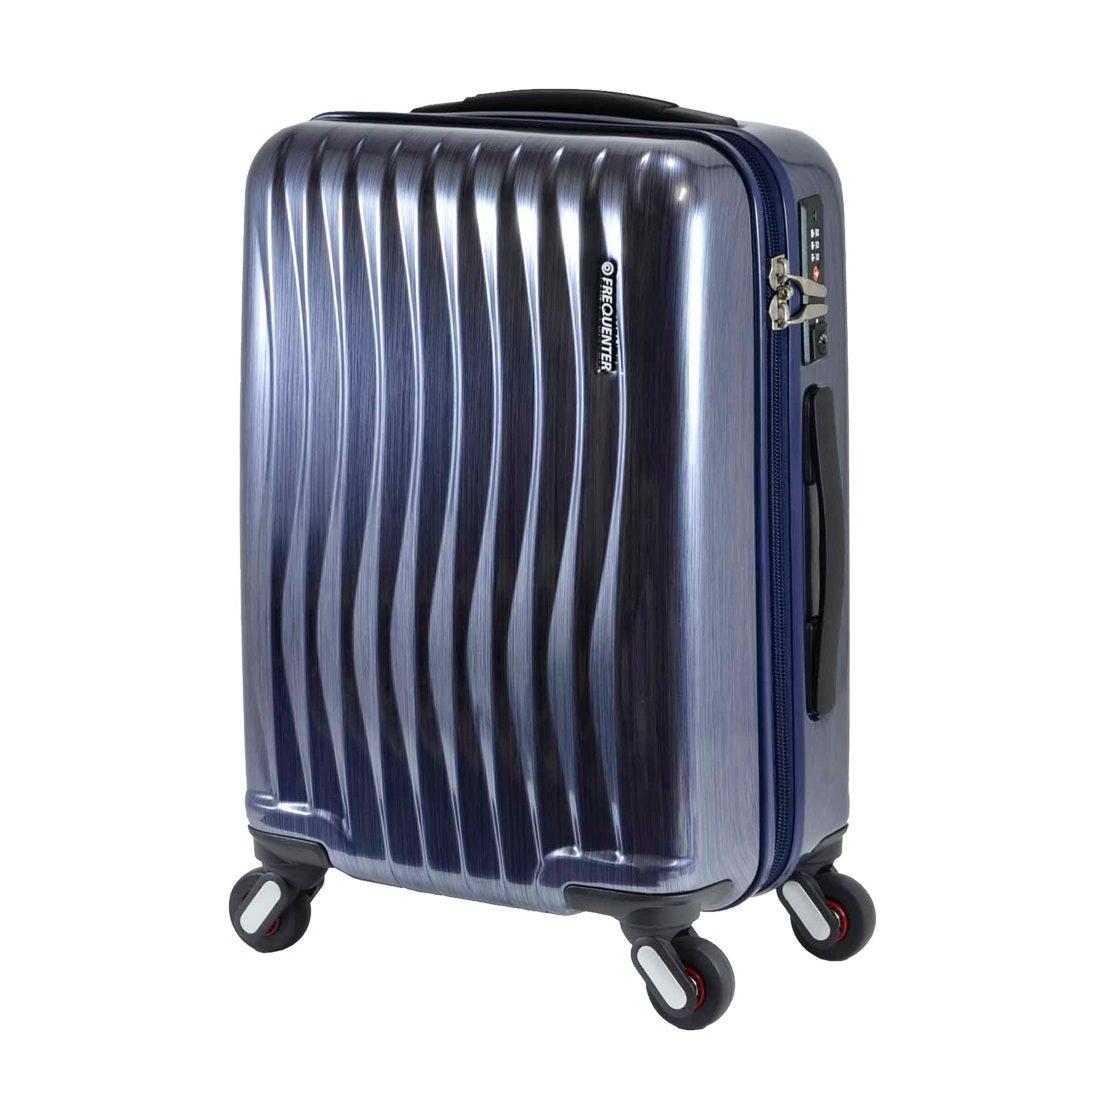 【SAC'S BAR】FREQUENTER フリクエンター WAVE スーツケース 1-622-47 47cm ヘアラインネイビー メンズ